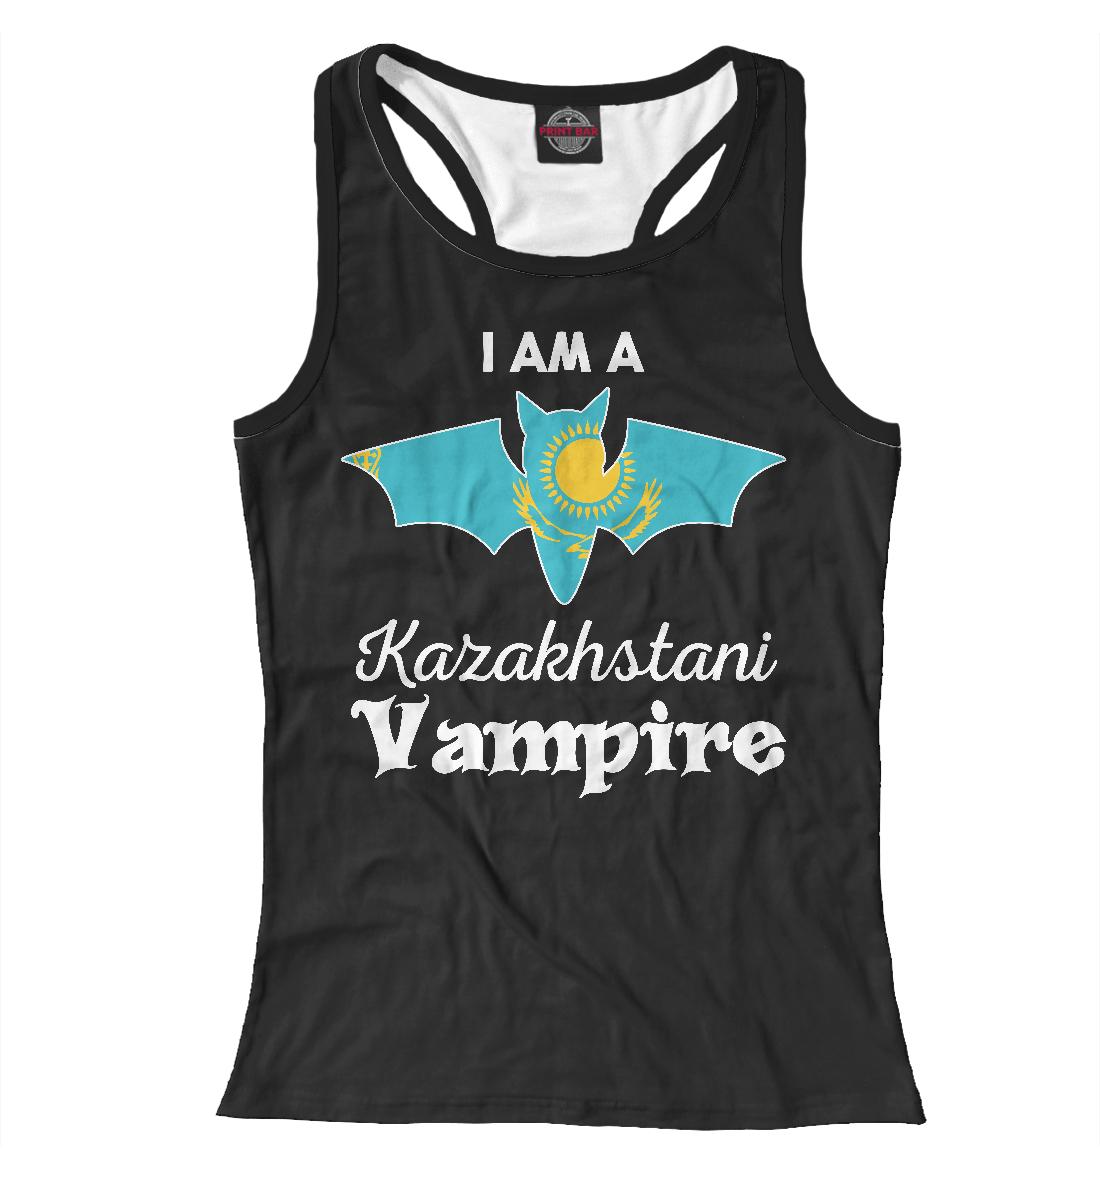 Купить Я казахстанский вампир, Printbar, Майки борцовки, KZH-774992-mayb-1